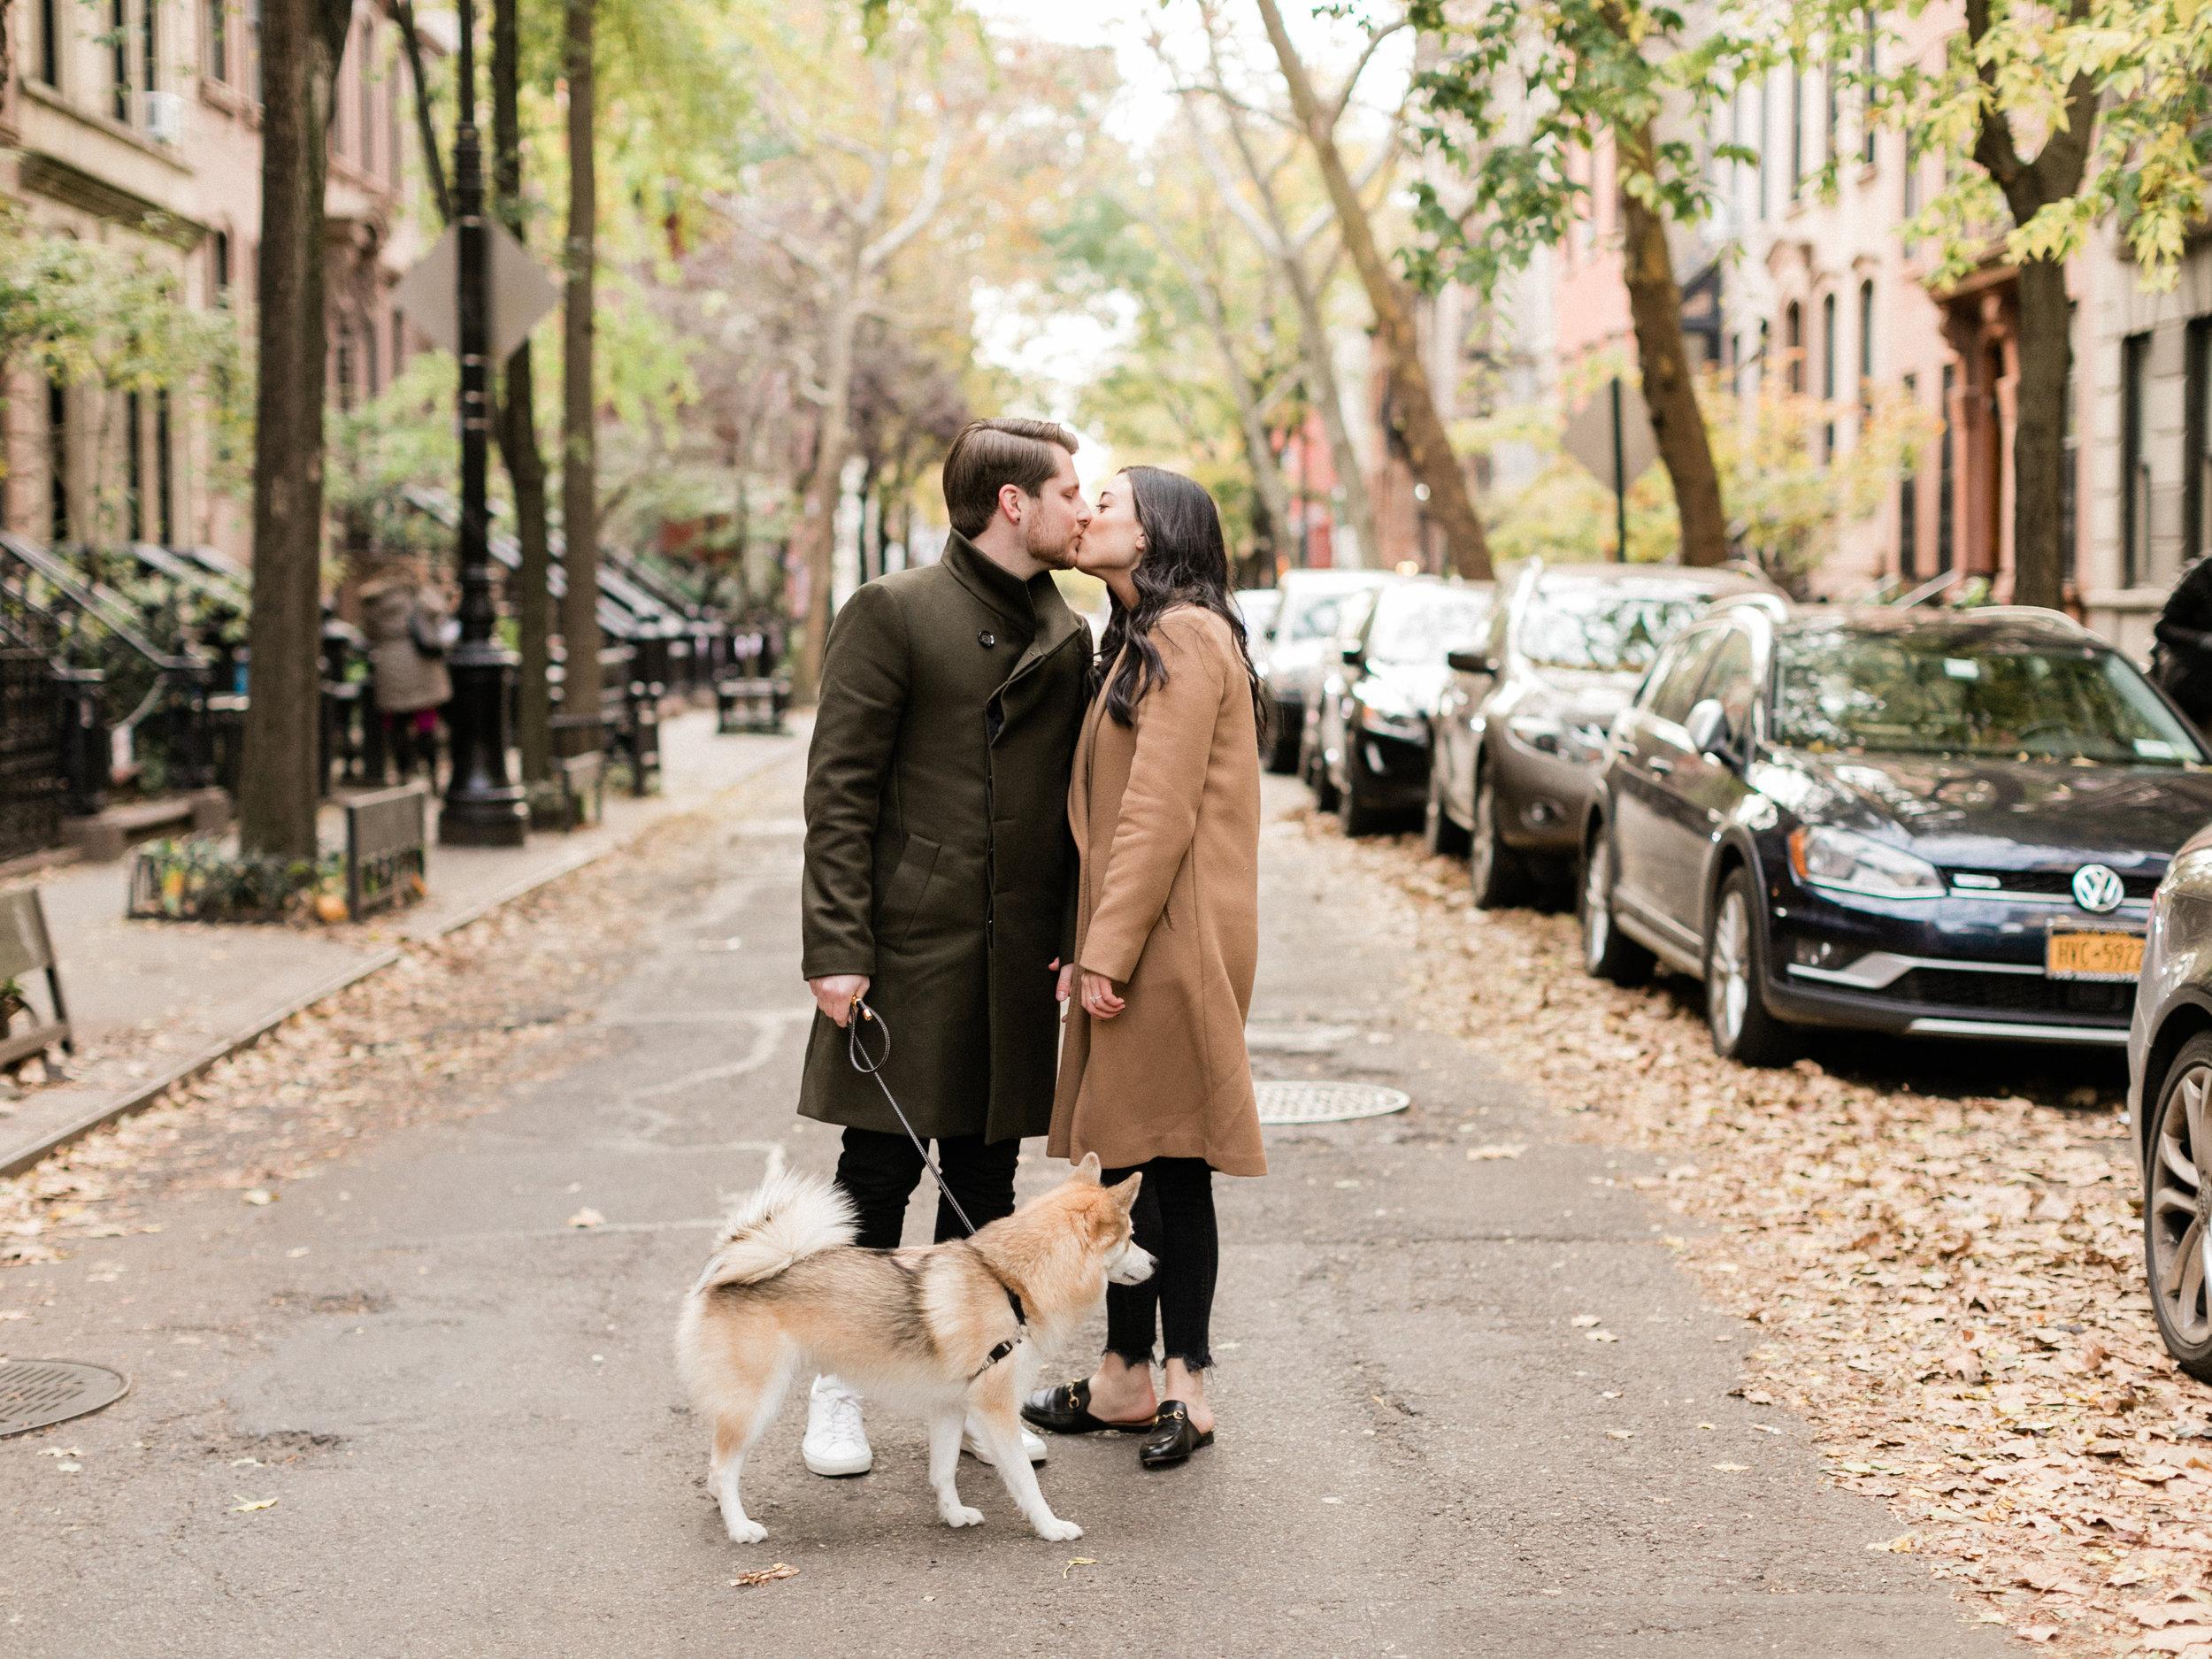 asher-gardner-nyc-engagement-37.jpg